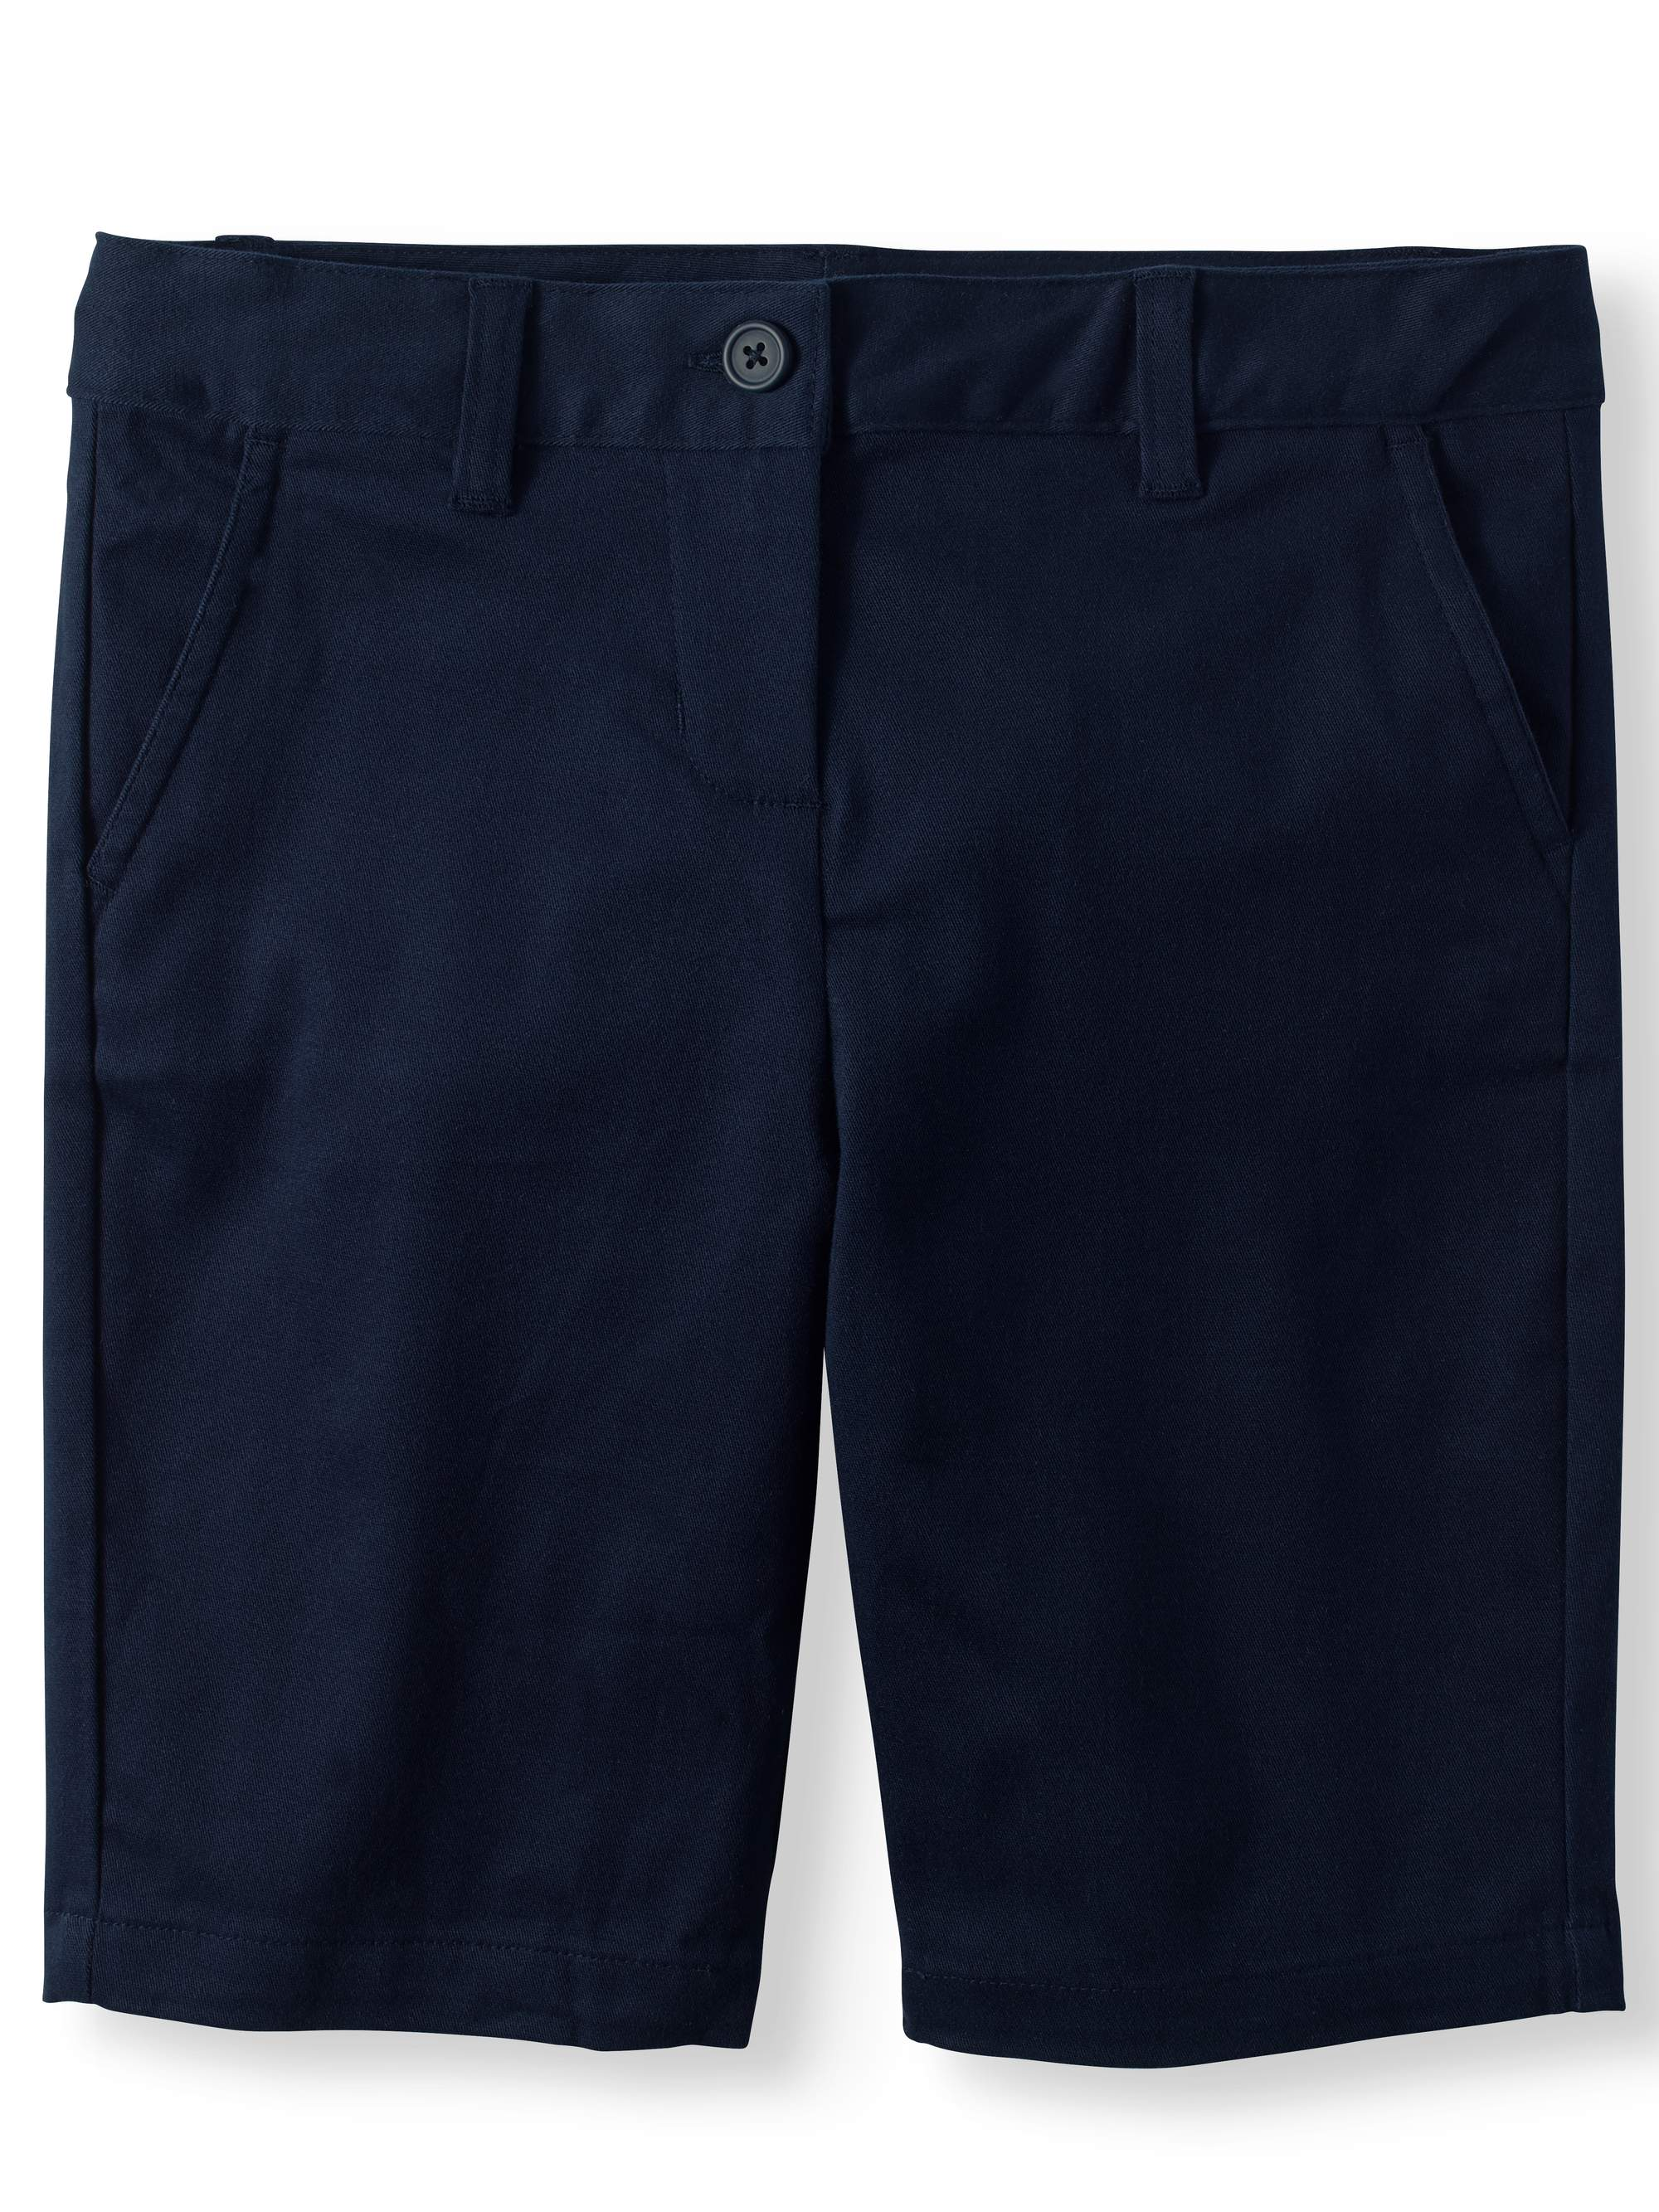 Girls Plus School Uniform Stretch Twill Bermuda Shorts